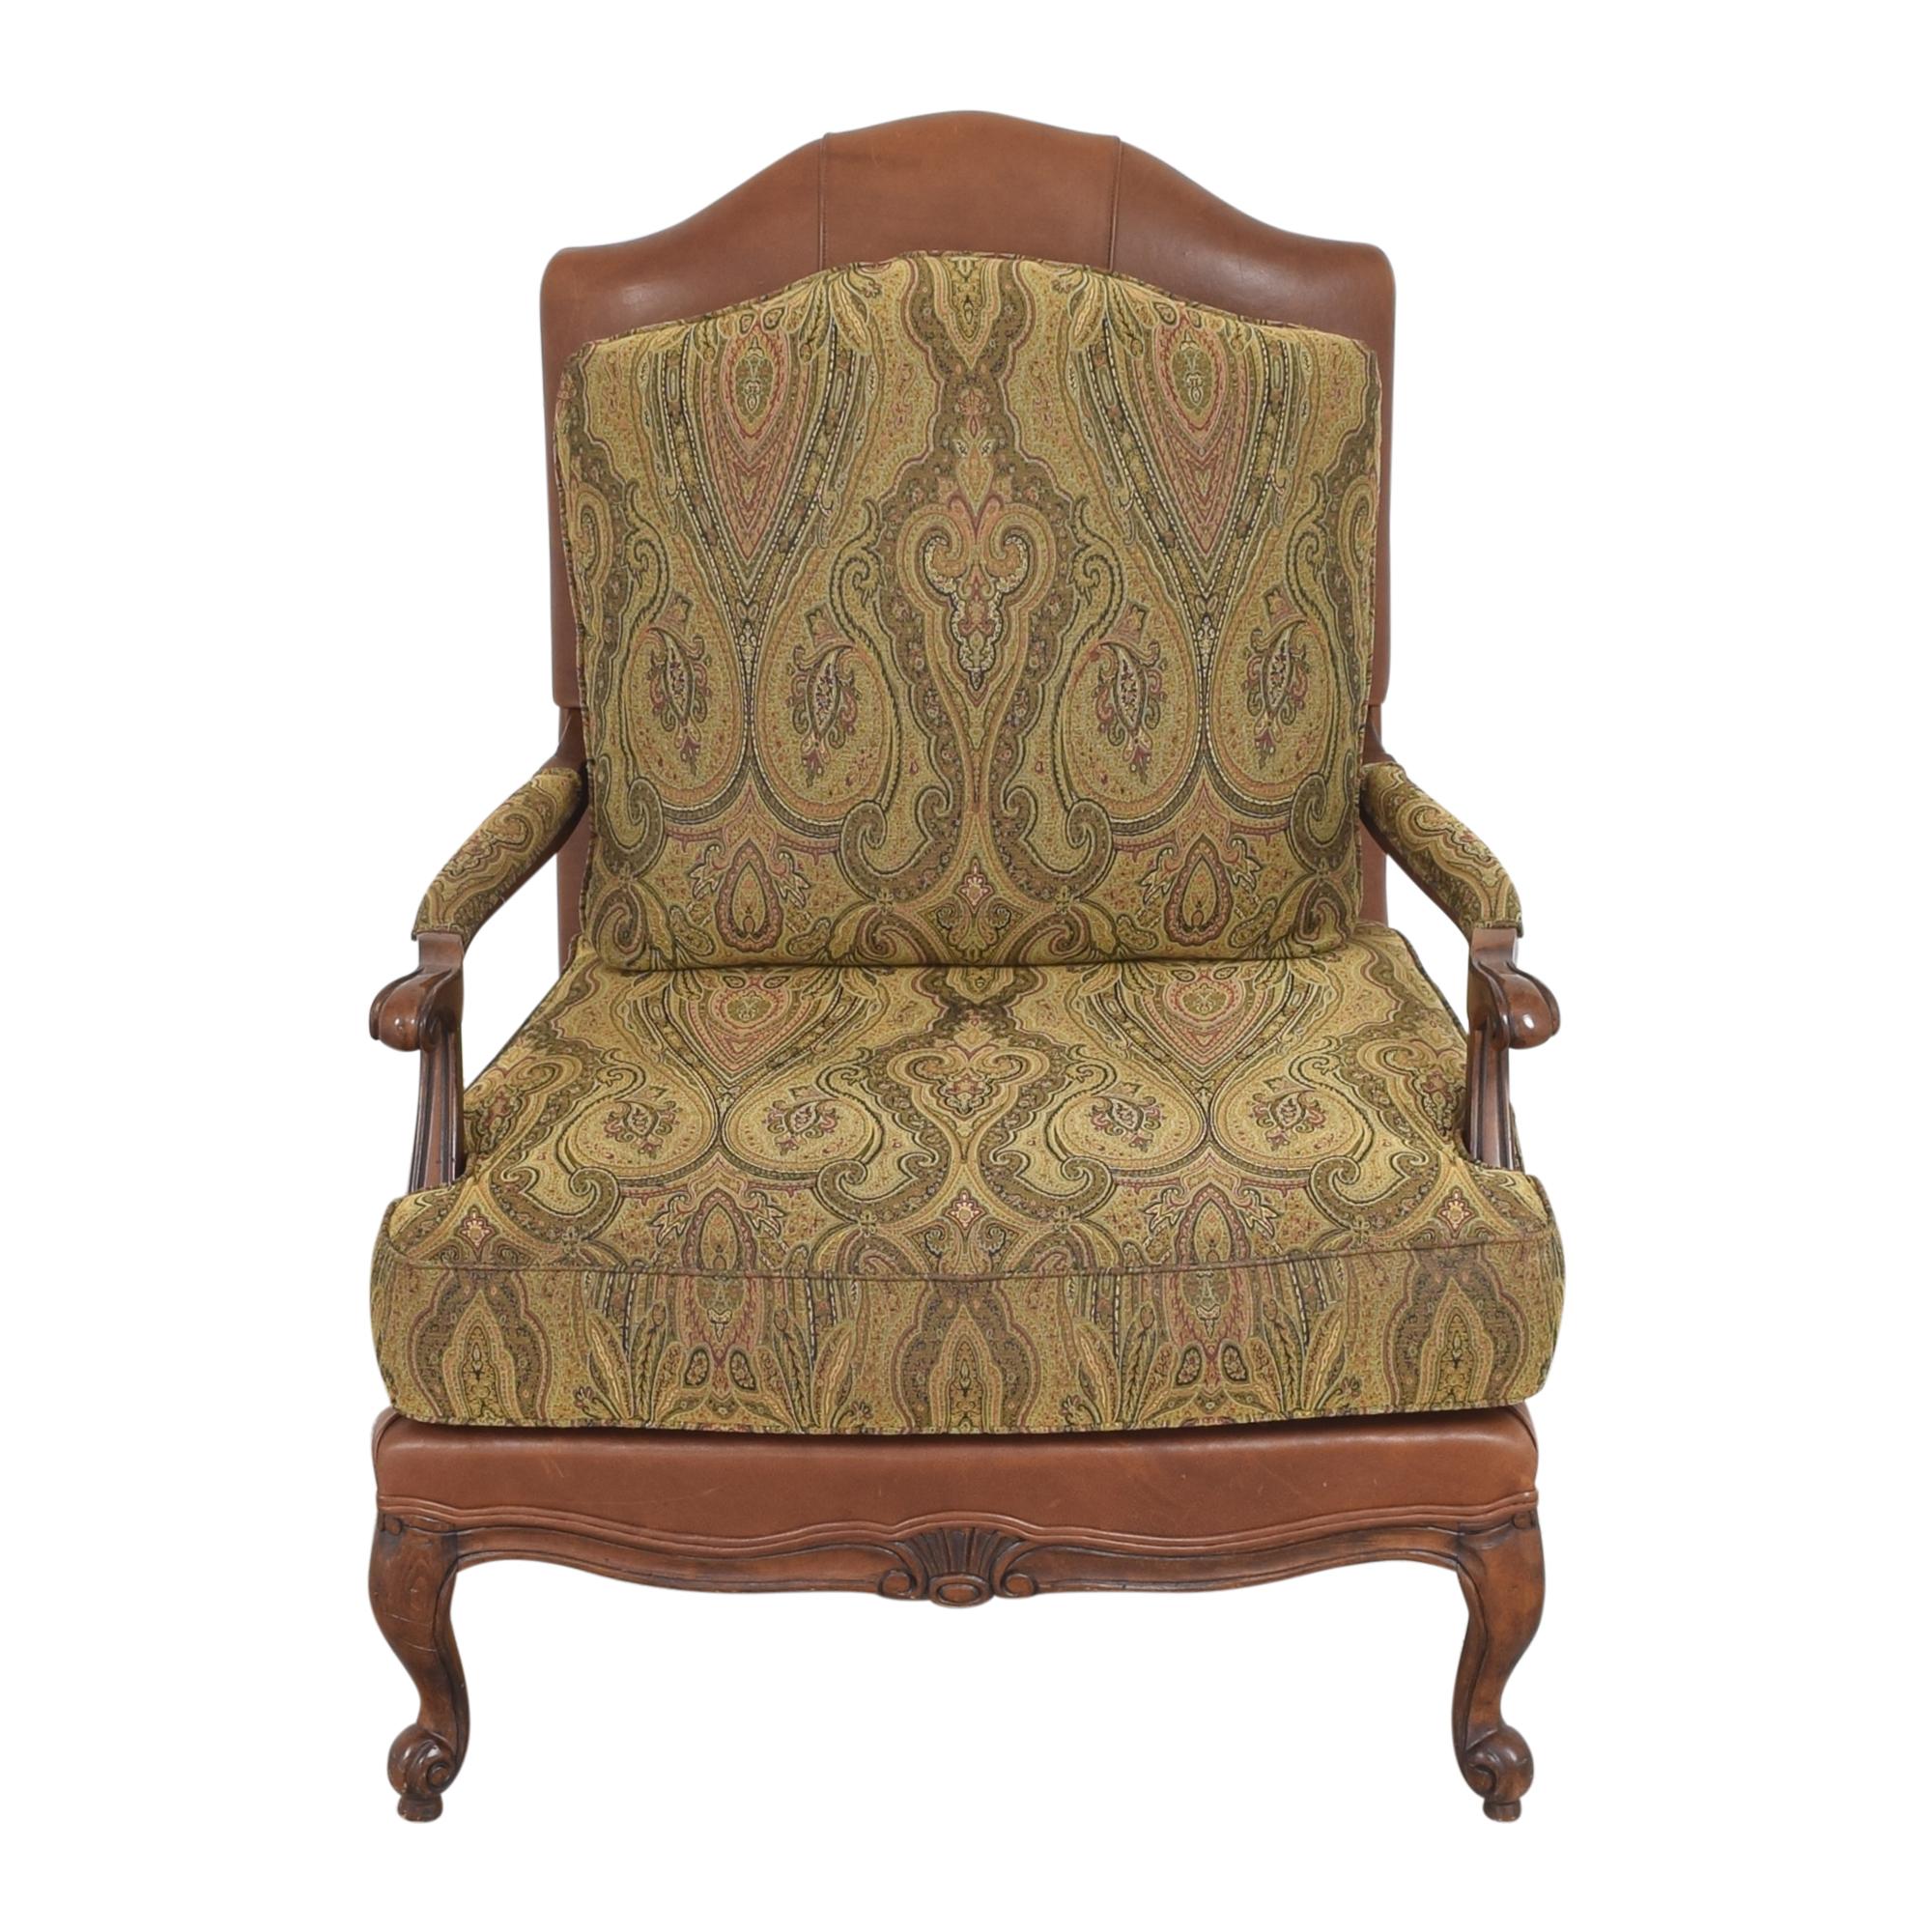 Ethan Allen Harris Chair / Chairs